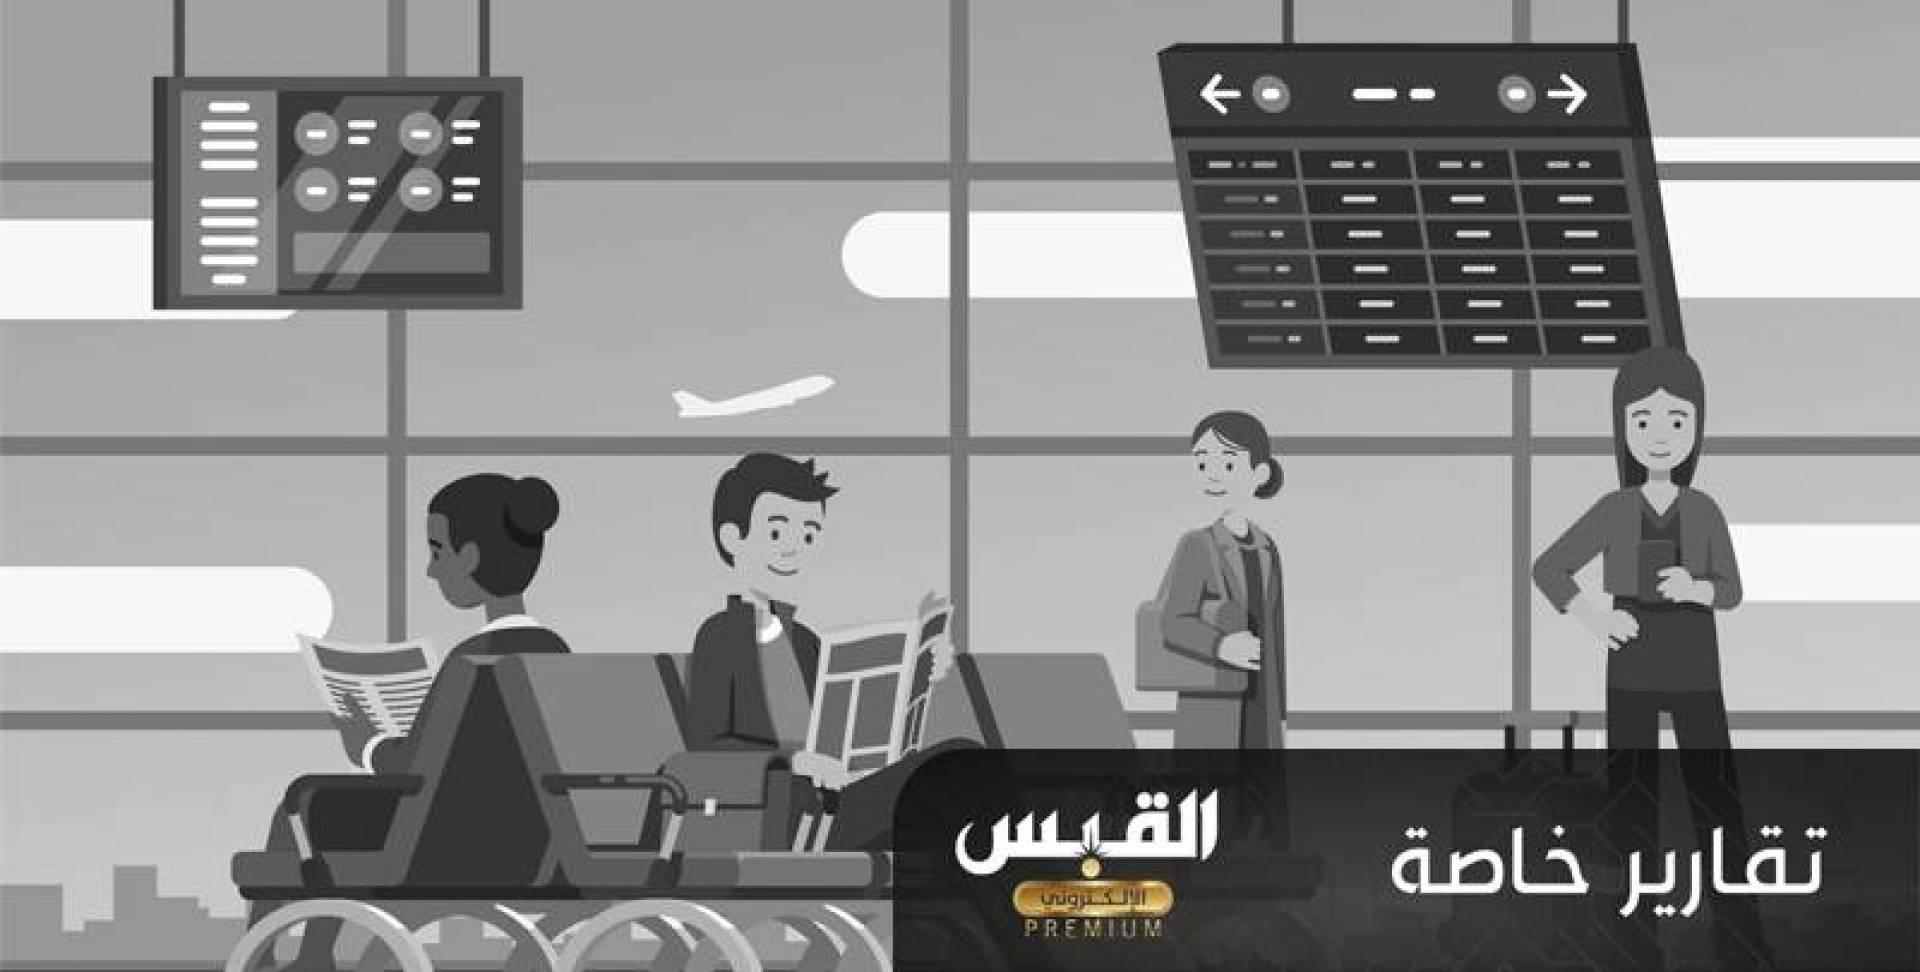 كيف تستفيد شركات الطيران.. والمطارات من بياناتك الشخصية؟